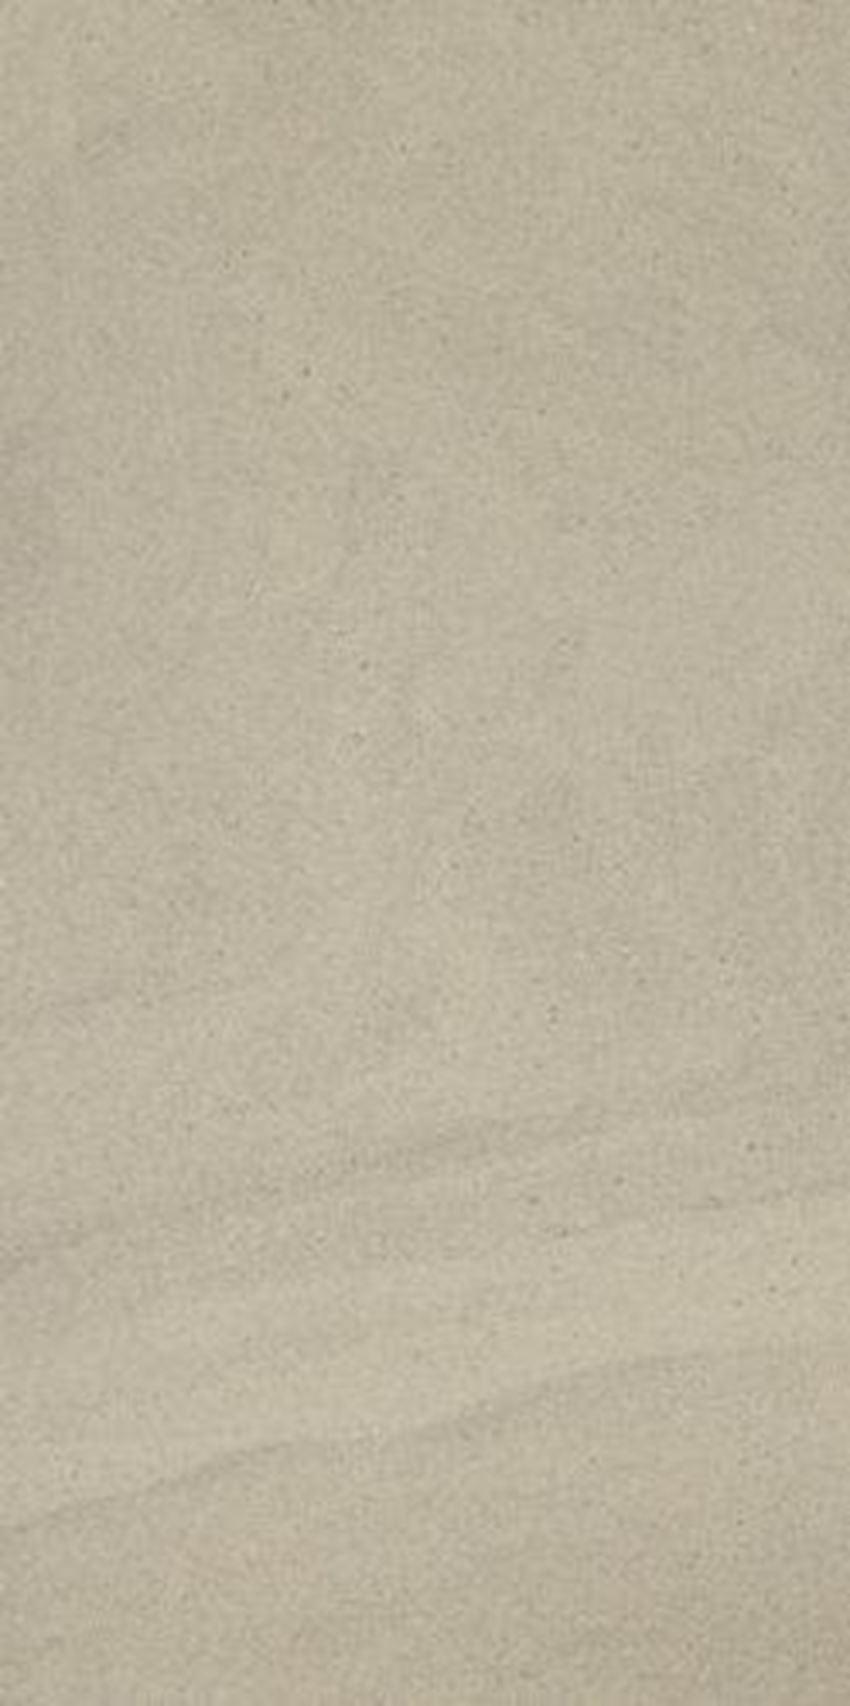 Płytka ścienno-podłogowa 29,8x59,8 cm Paradyż Rockstone Grys Gres Rektyfikowany Mat